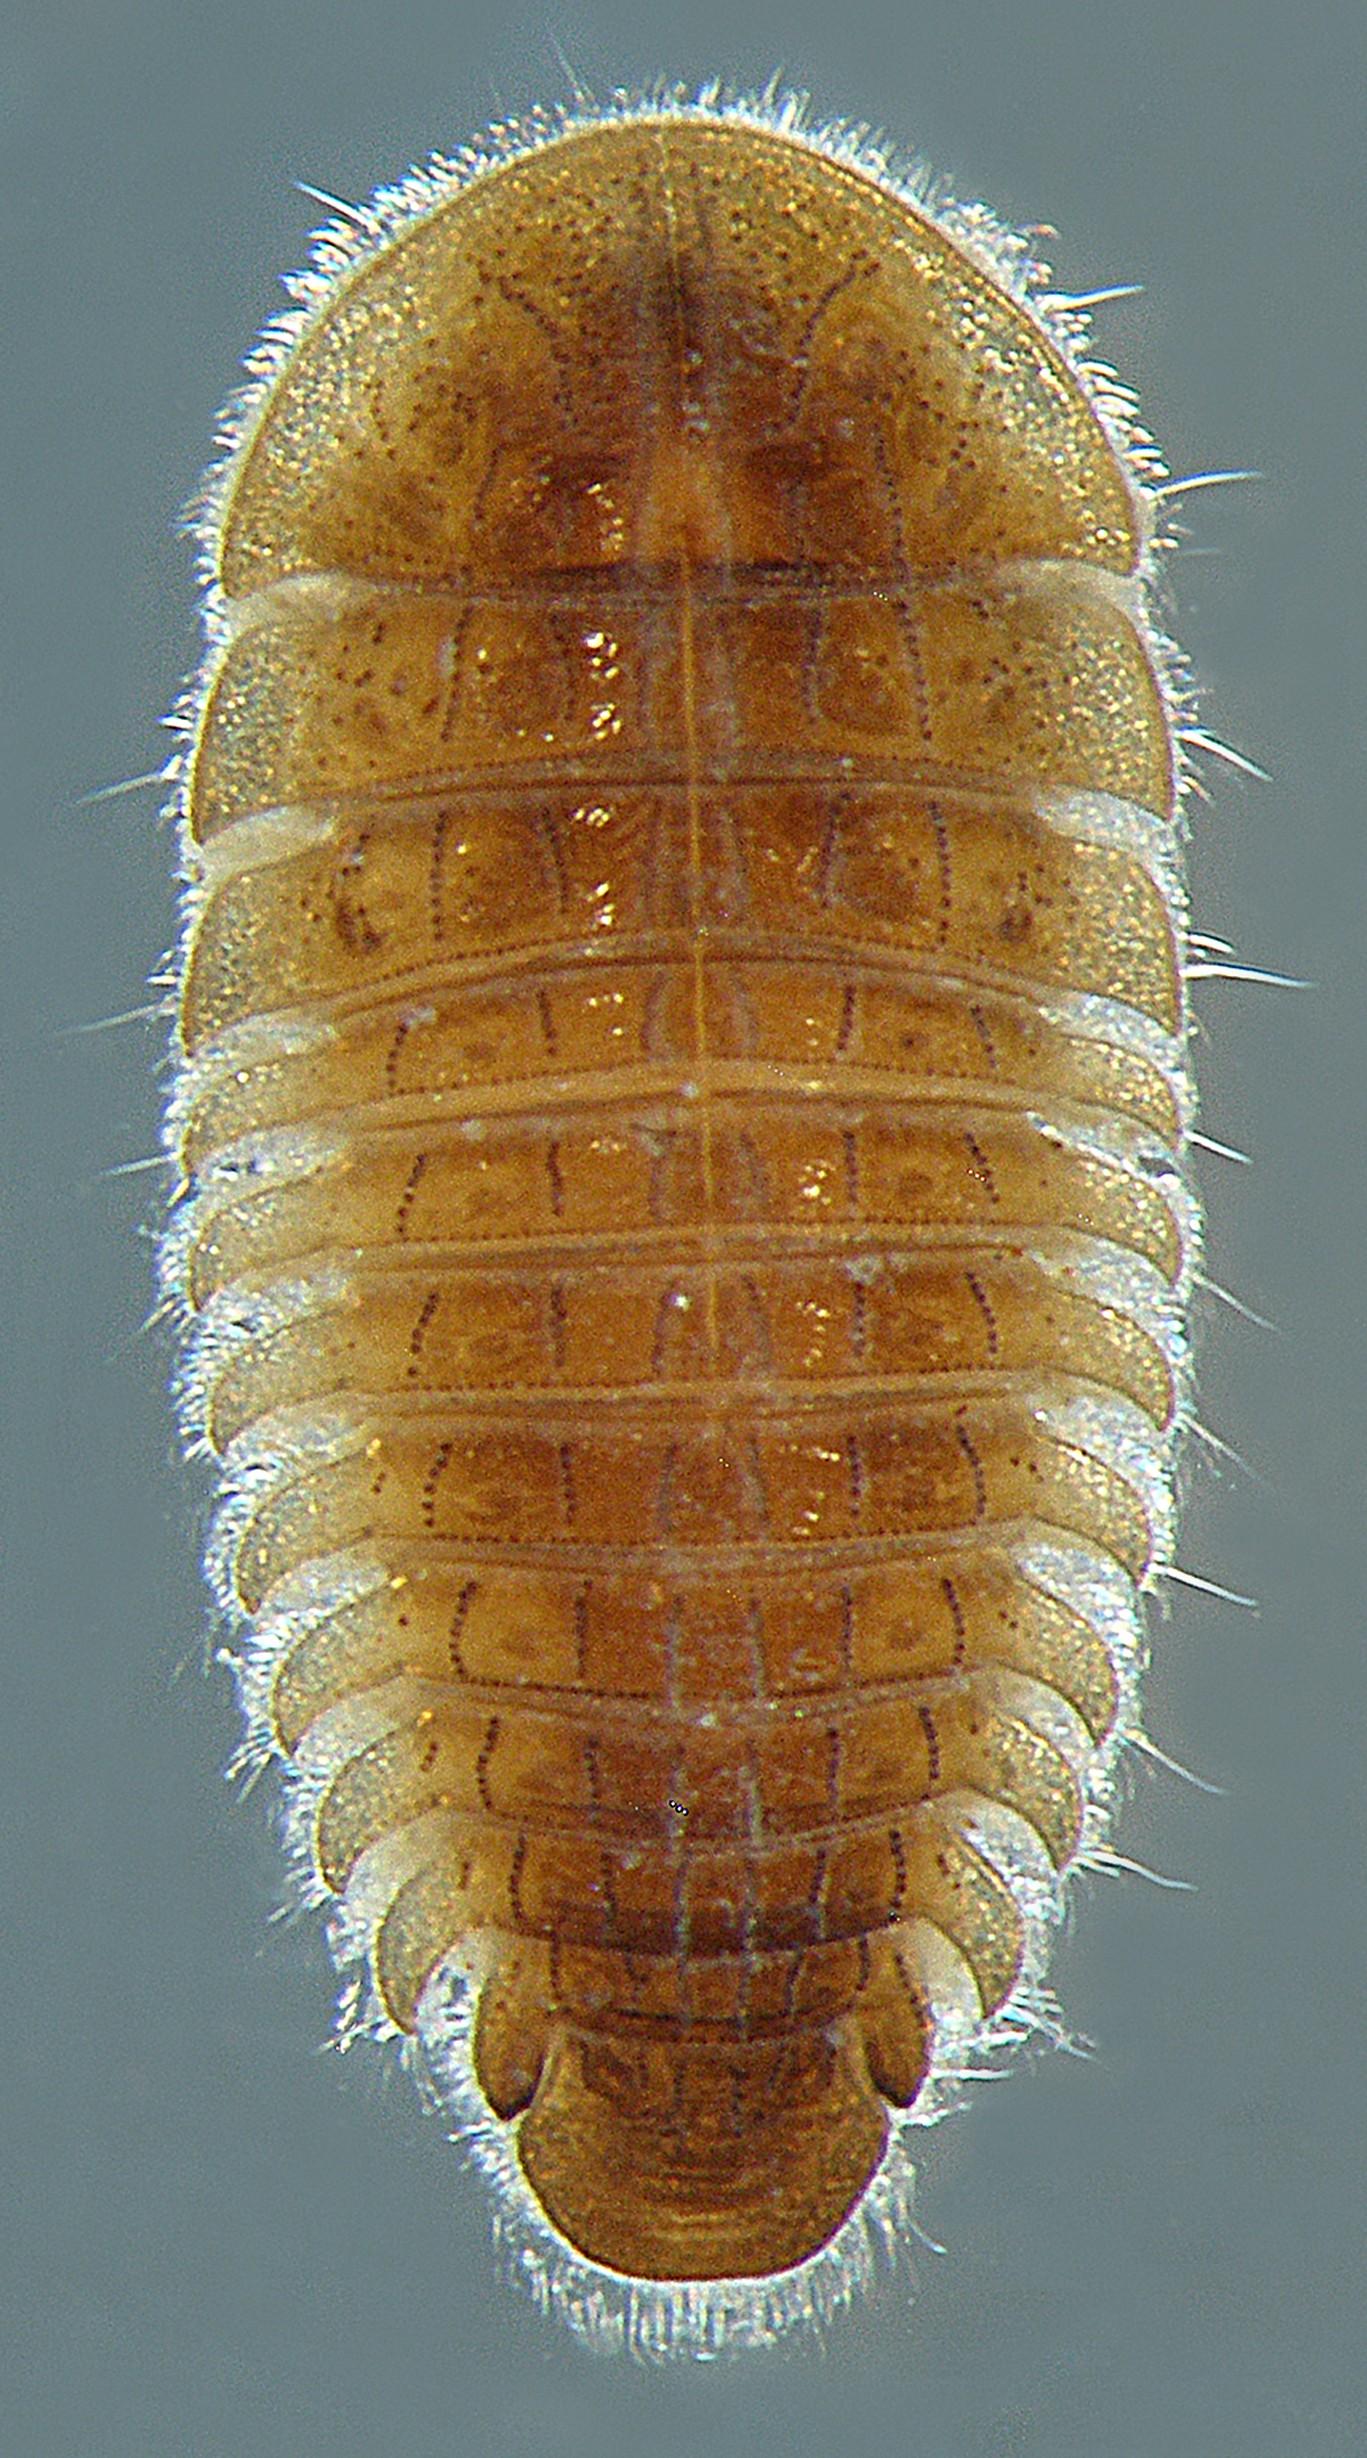 Eubria palustris larva